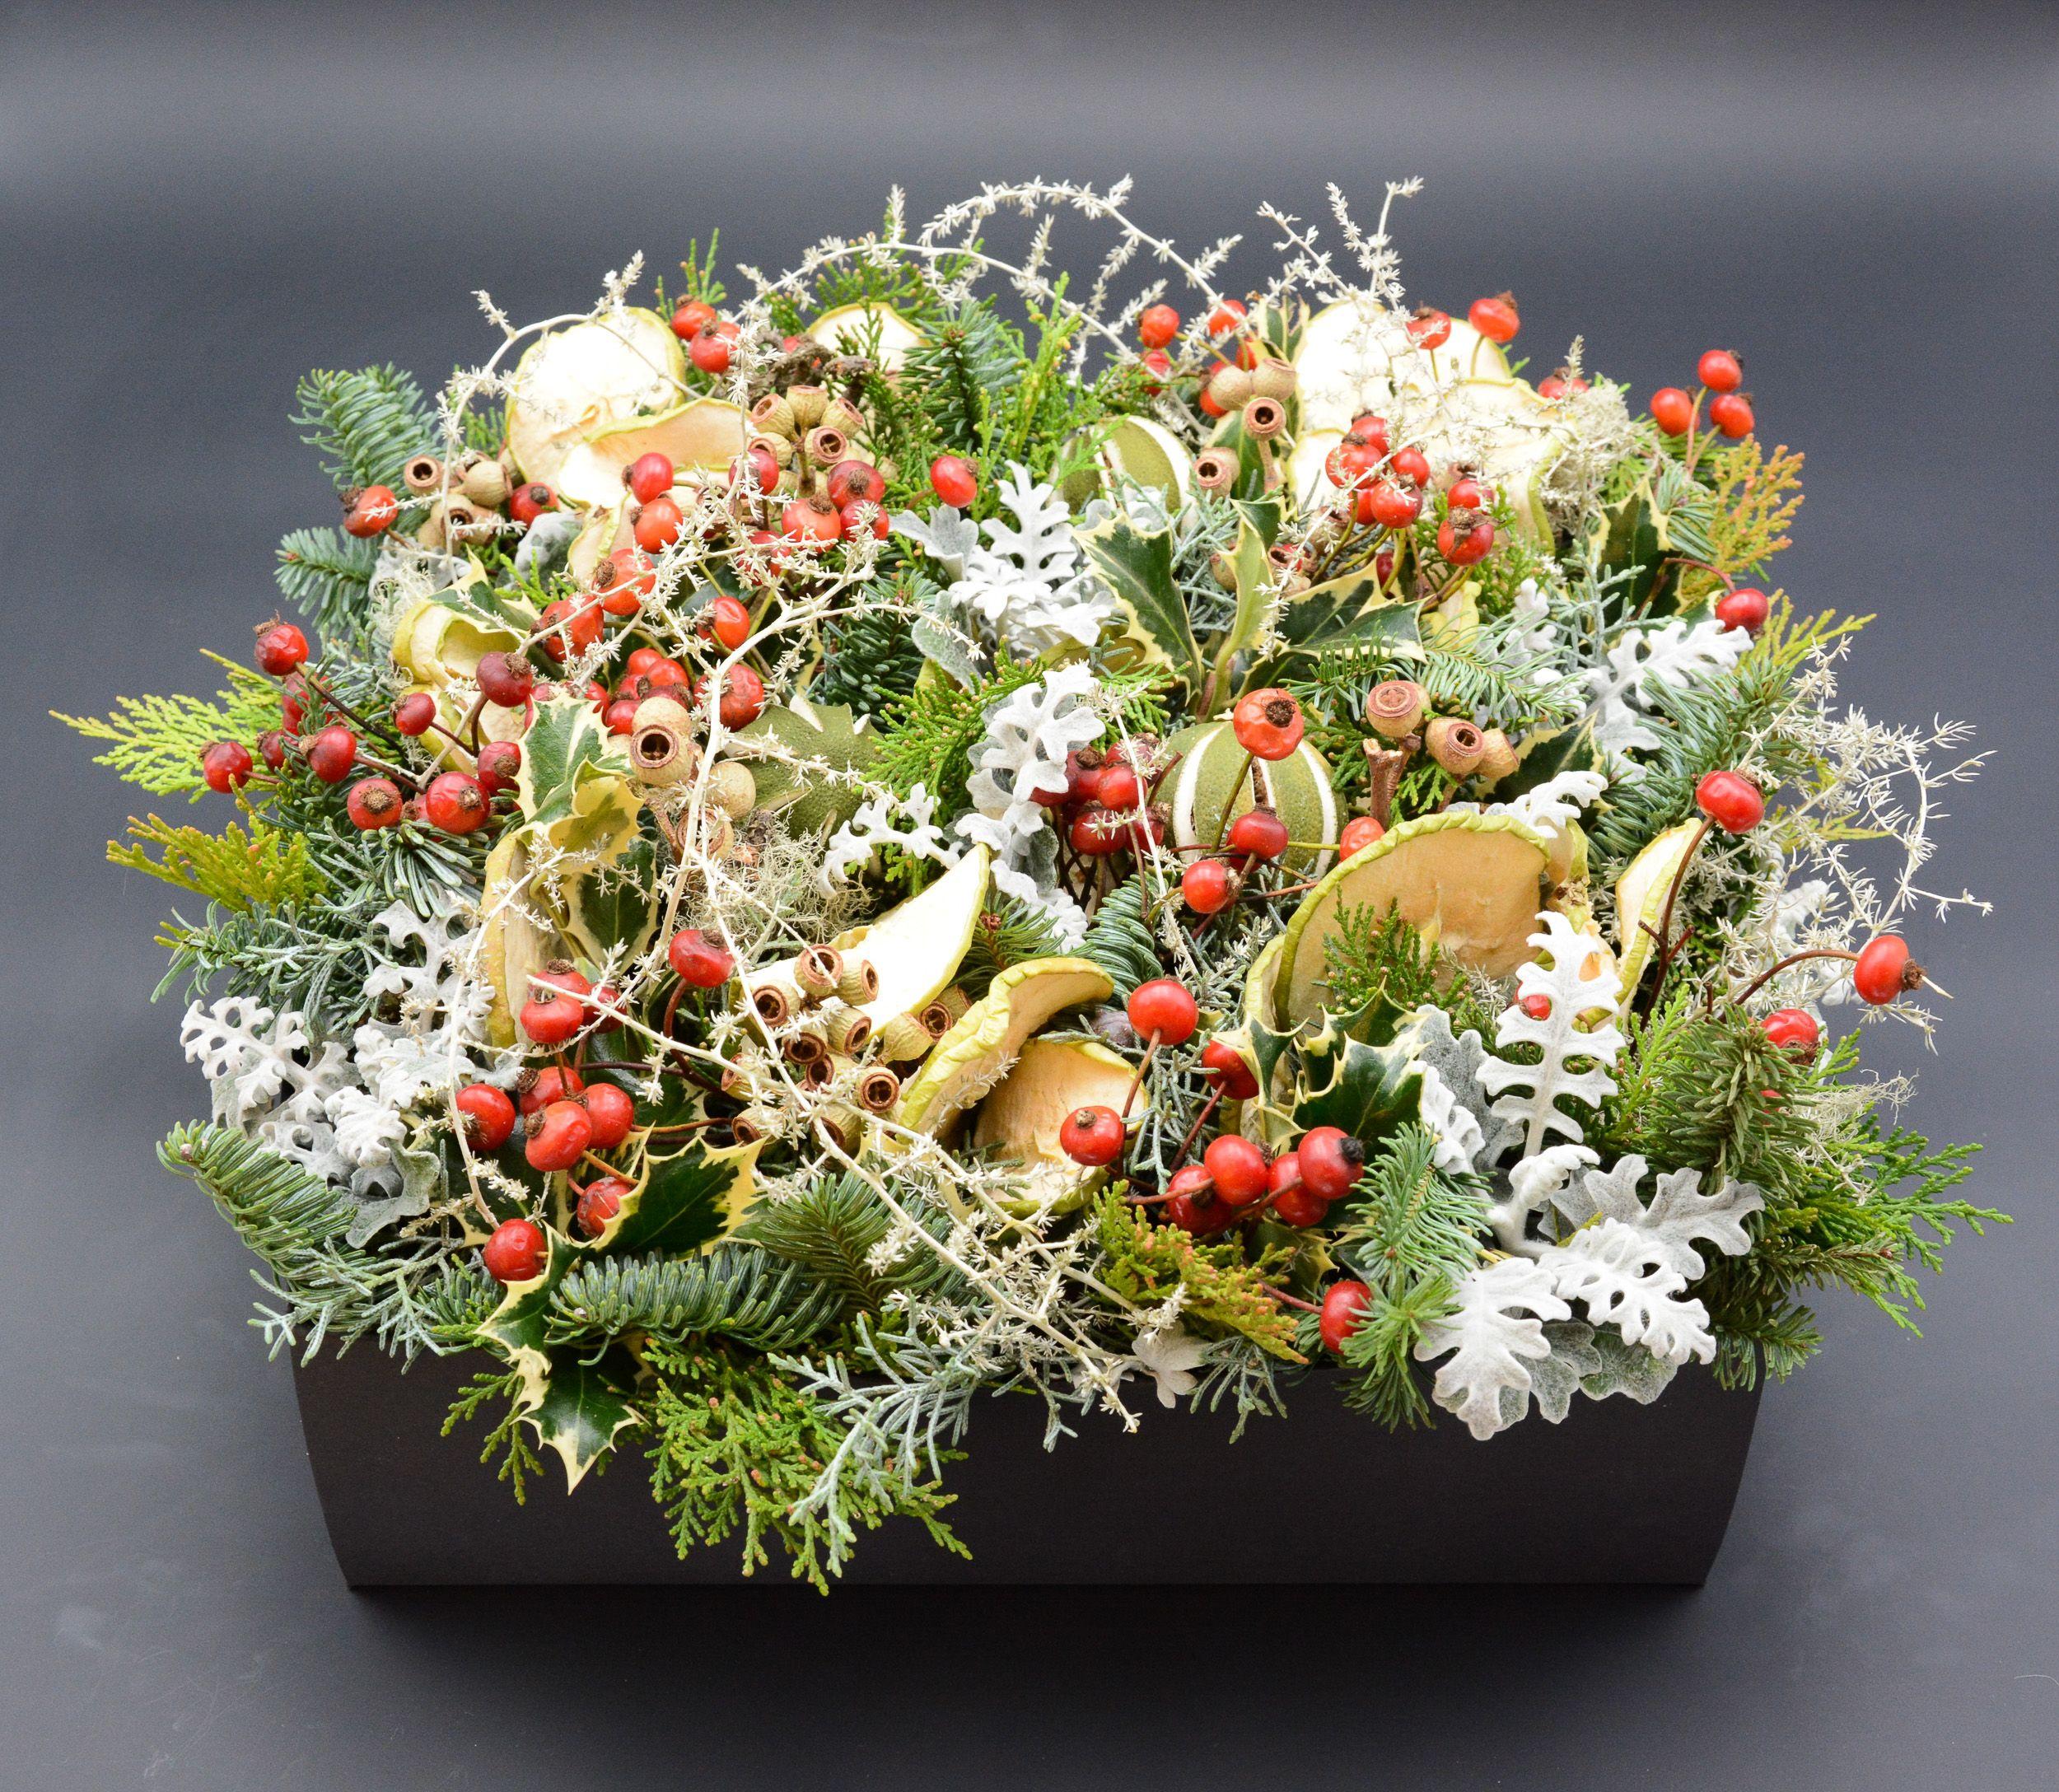 Scatola fiorita Nordica di Flò, da oggi la trovi sul nostro nuovo sito con spedizione gratuita! www.flofiori.com